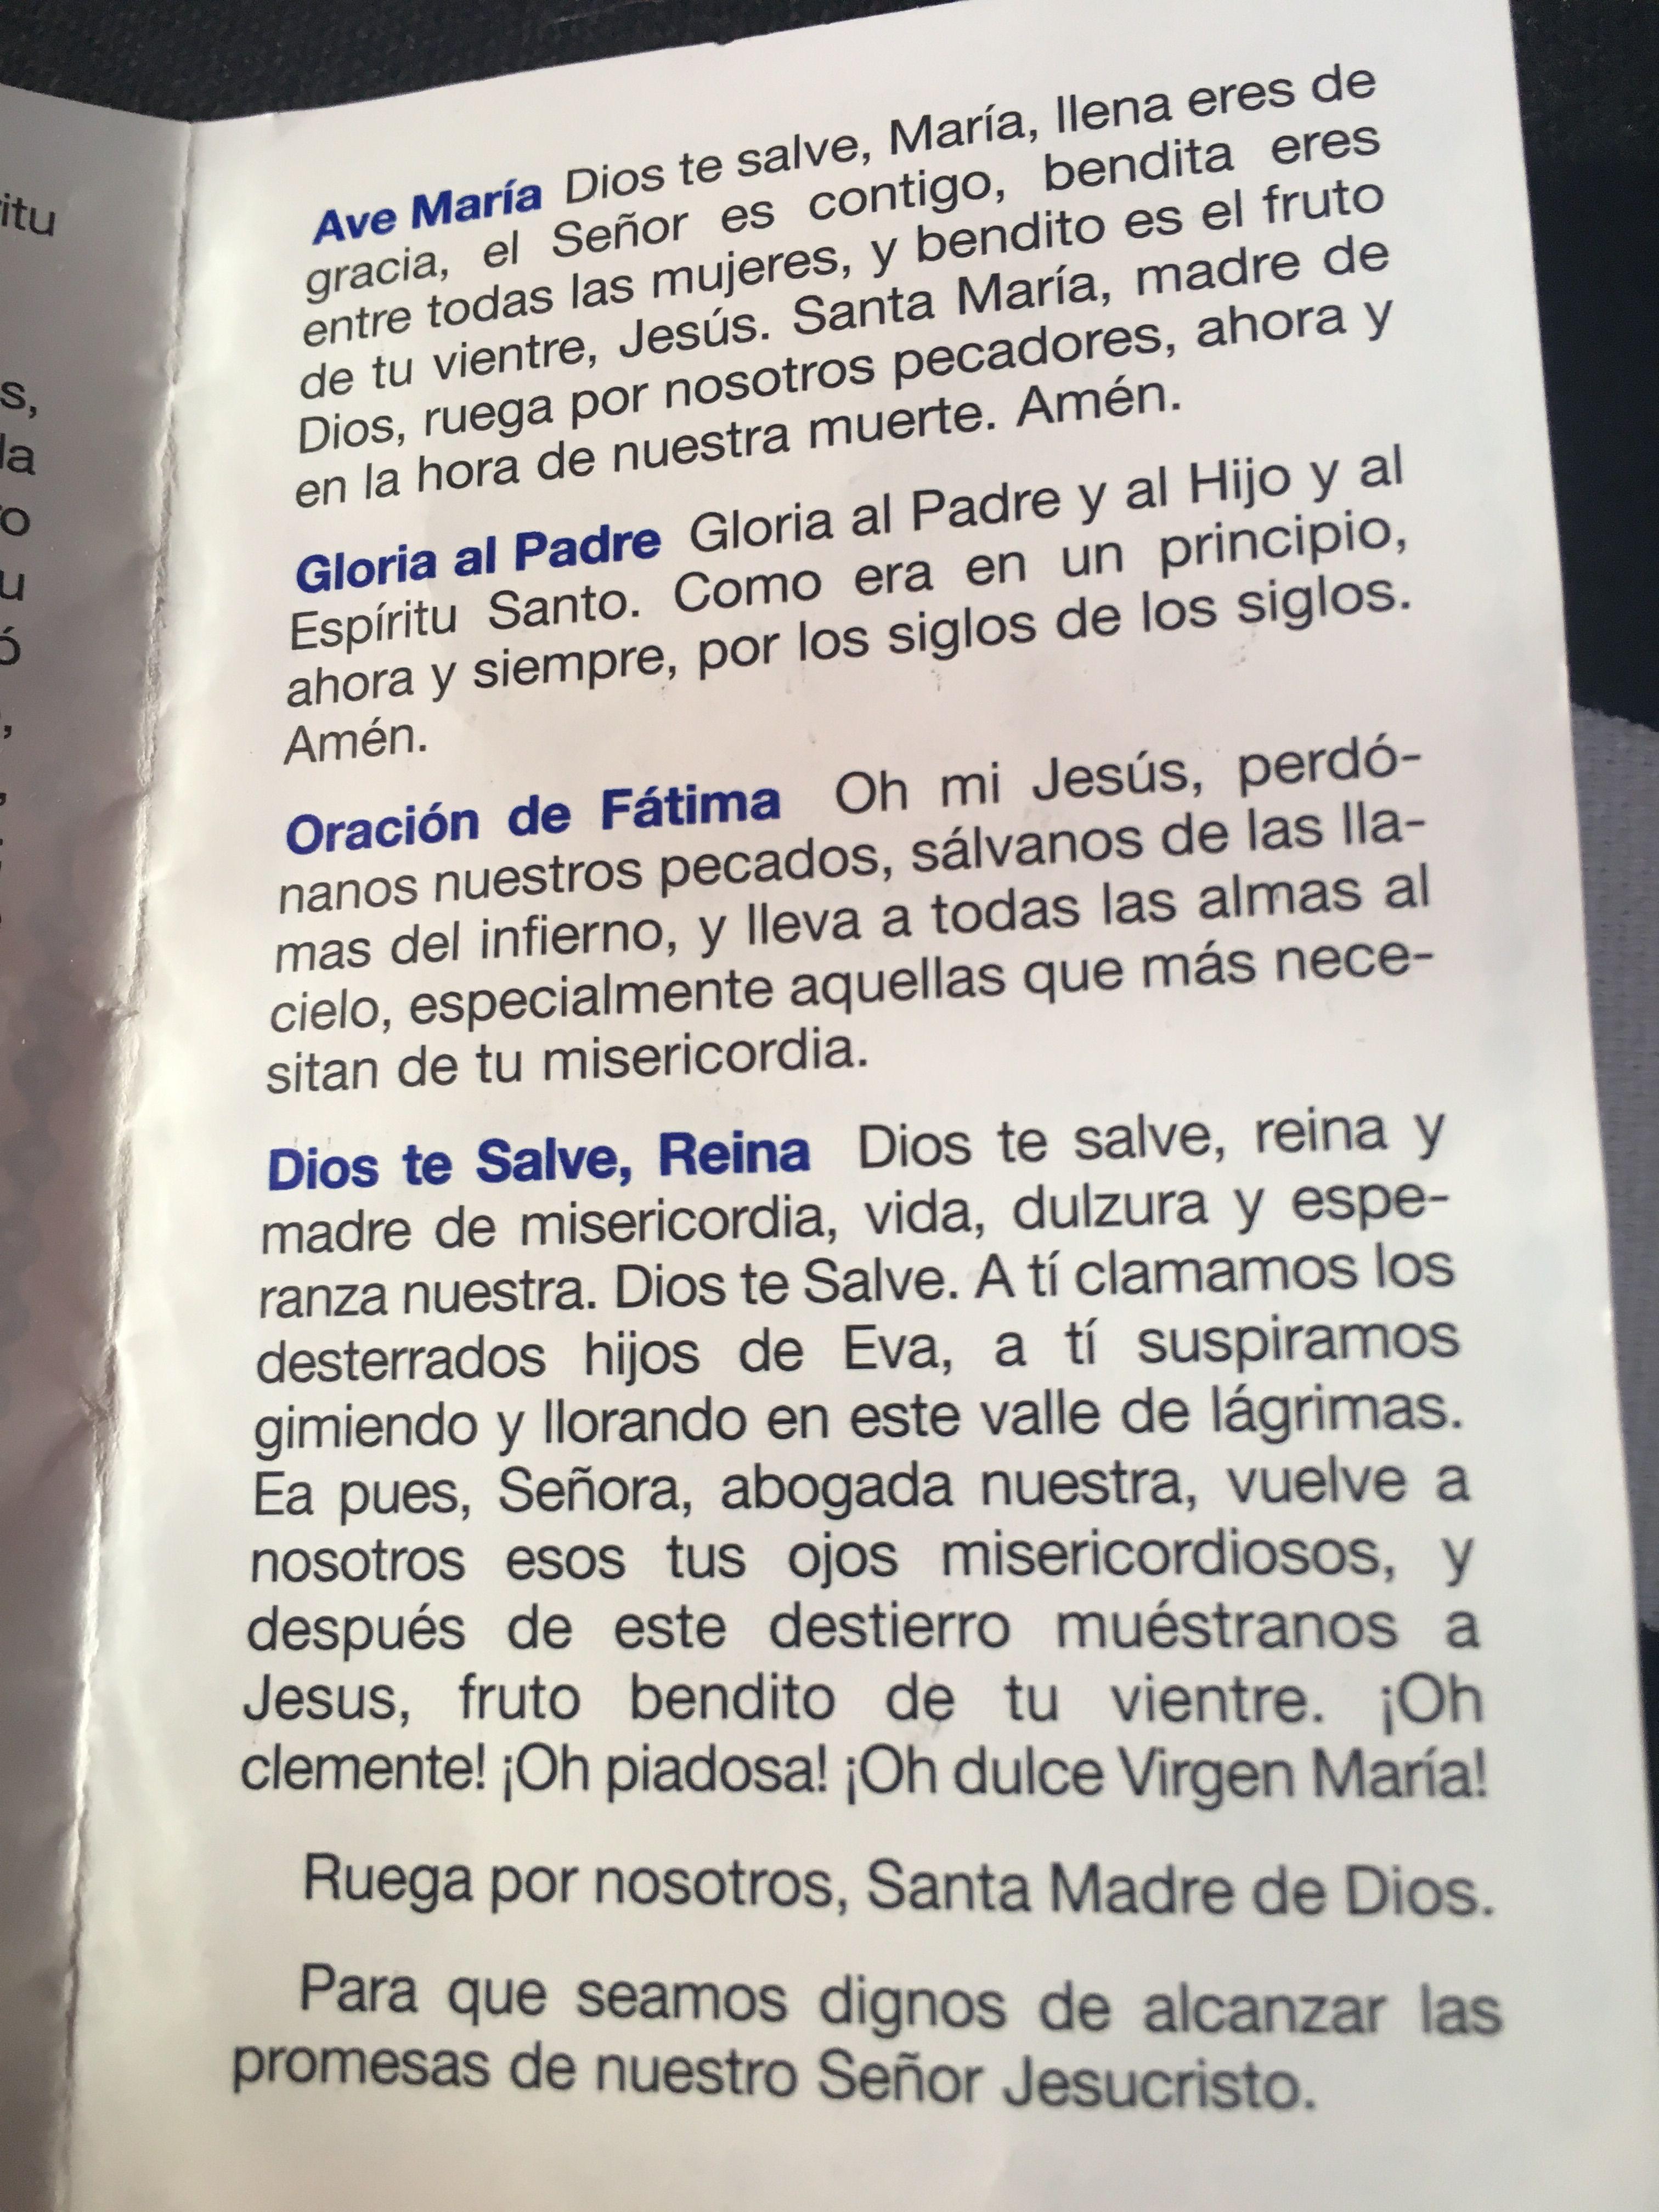 Ave Maria Gloria Al Padre Oracion De Fatima Y Dios Te Salve Reina Oraciones Oracion Salve Oracion Gloria